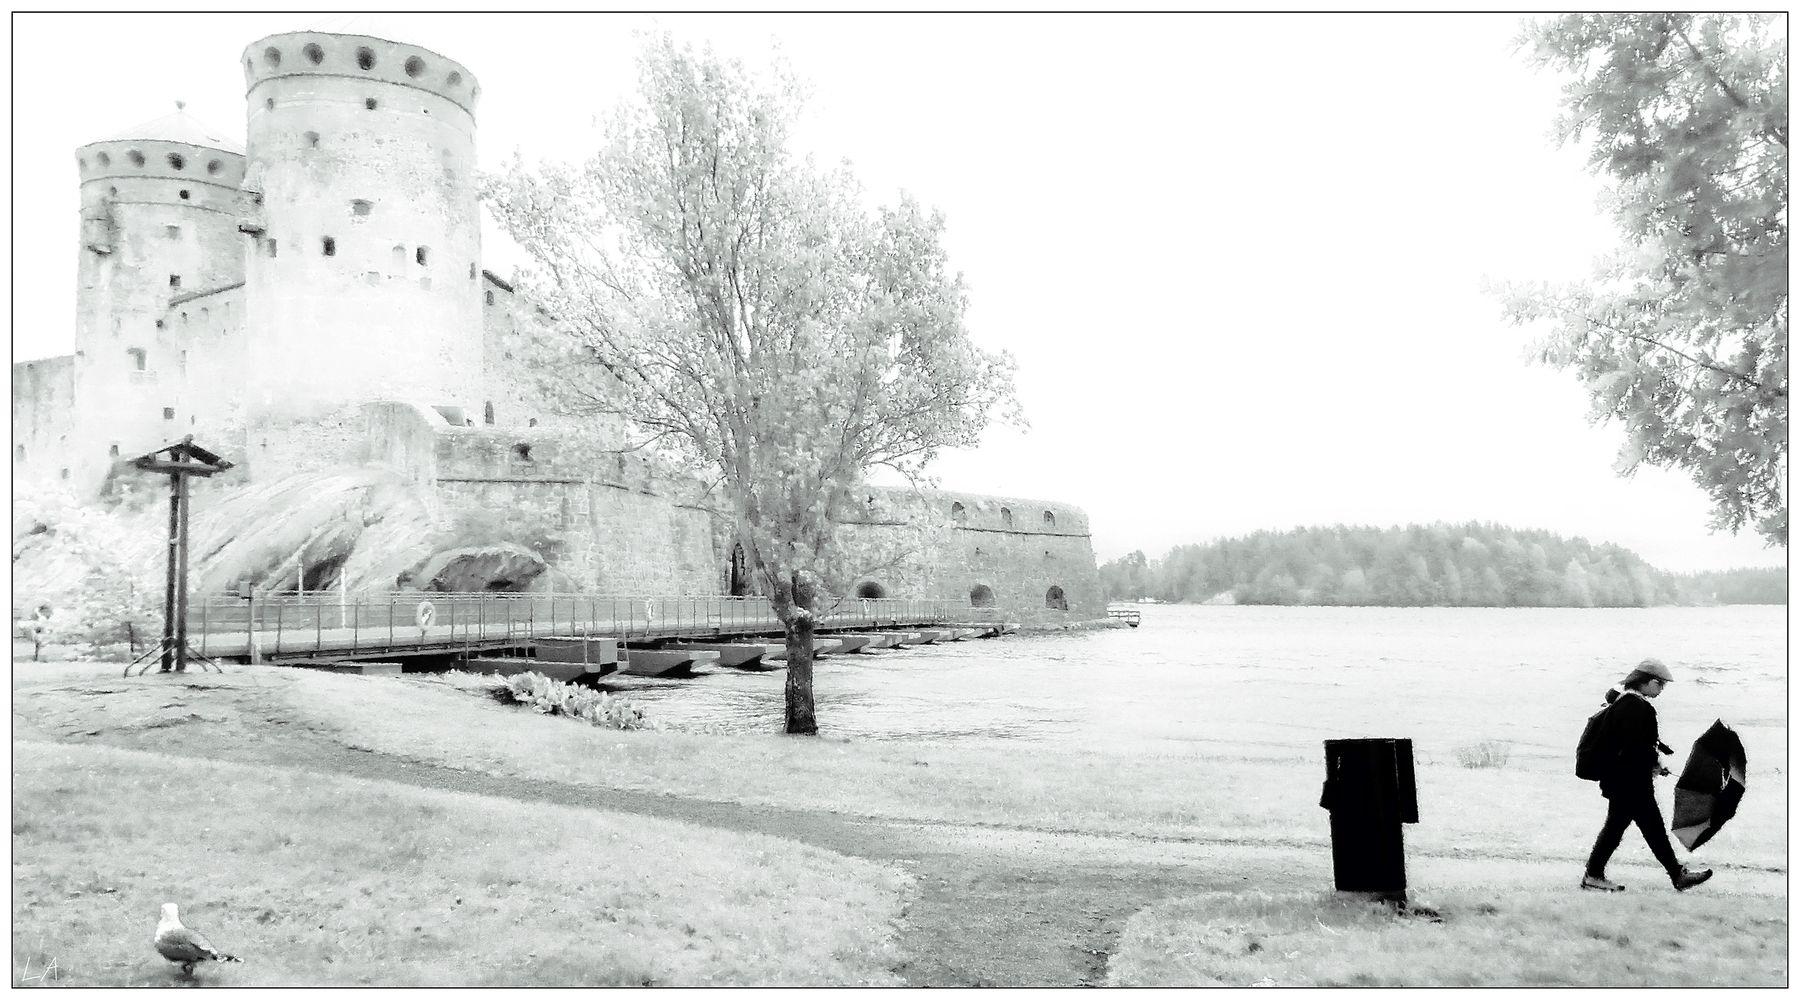 *Дождь позади* фотография путешествие Финляндия лето крепость жанр Фото.Сайт Светлана Мамакина Lihgra Adventure